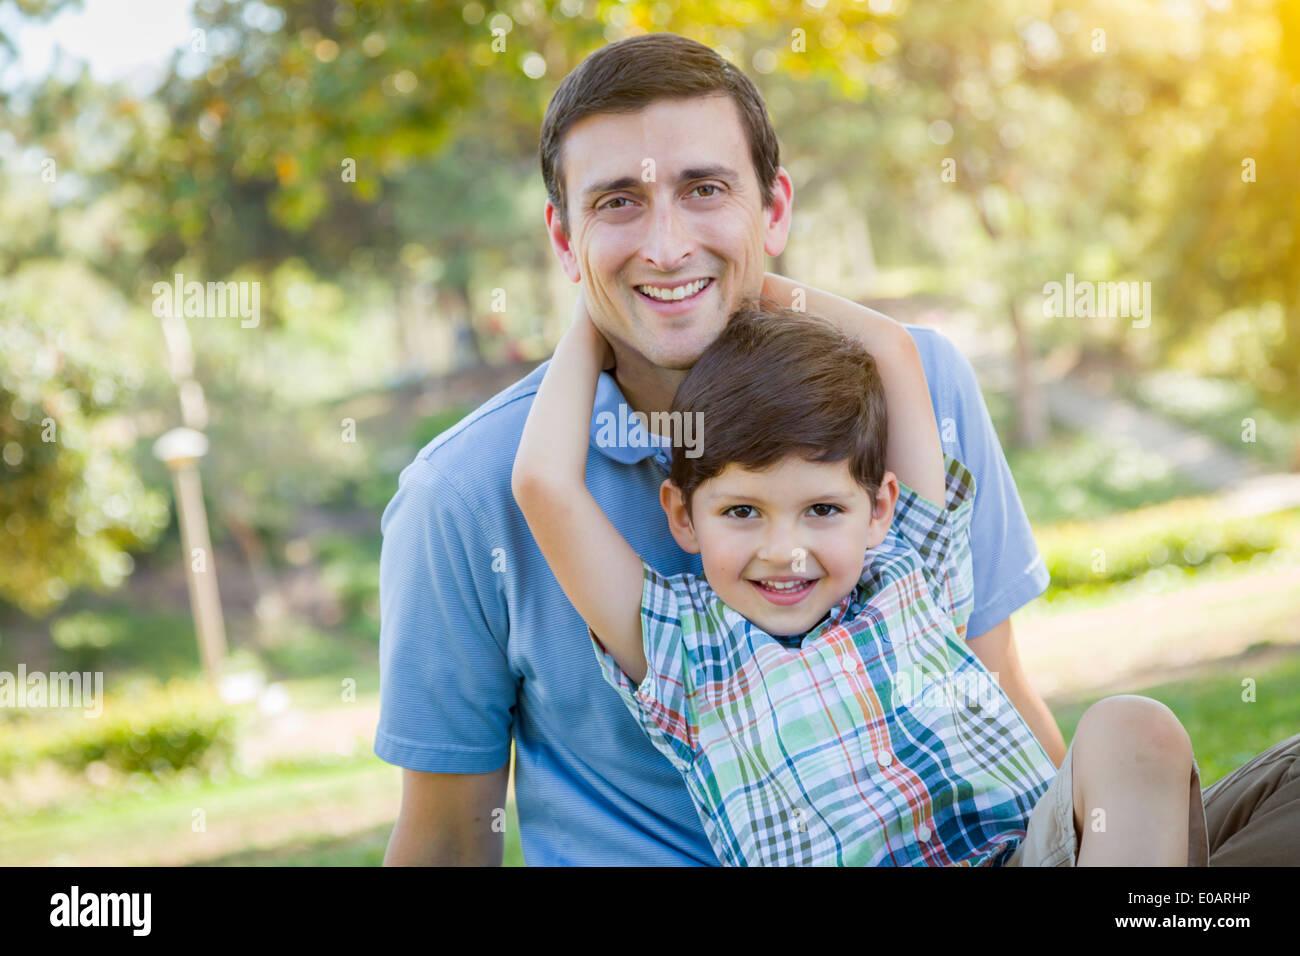 Bella gara di misto padre e figlio giovane ritratto nel parco. Immagini Stock